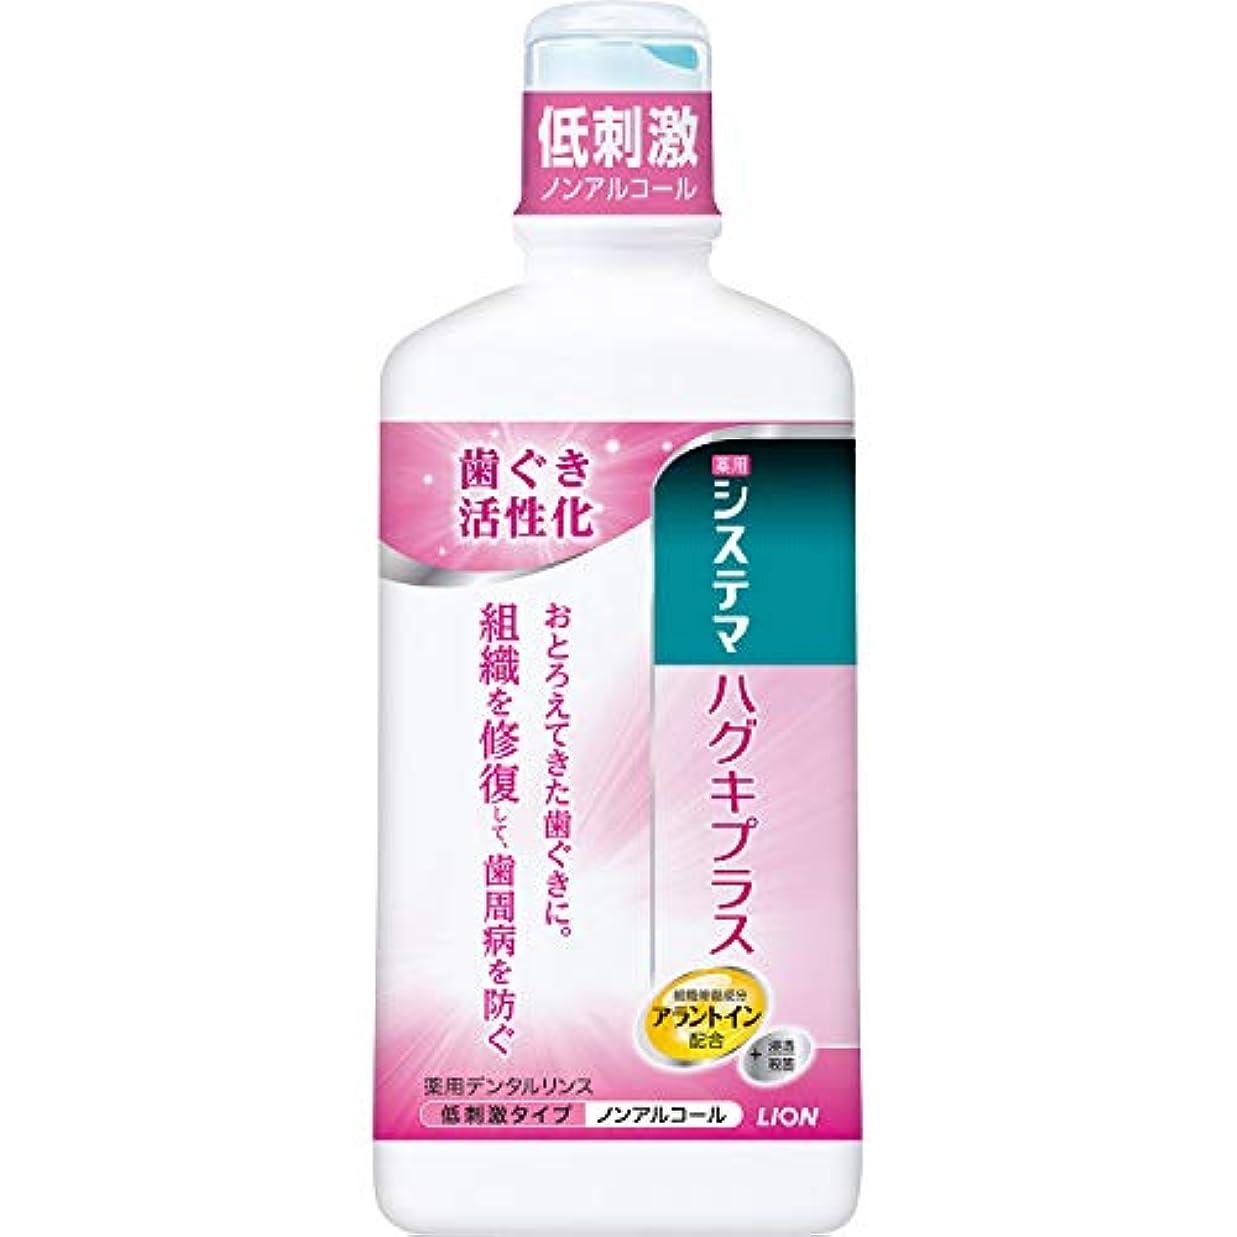 周囲効率的にマーケティングシステマ ハグキプラス デンタルリンス 450ml 液体歯磨 (医薬部外品)